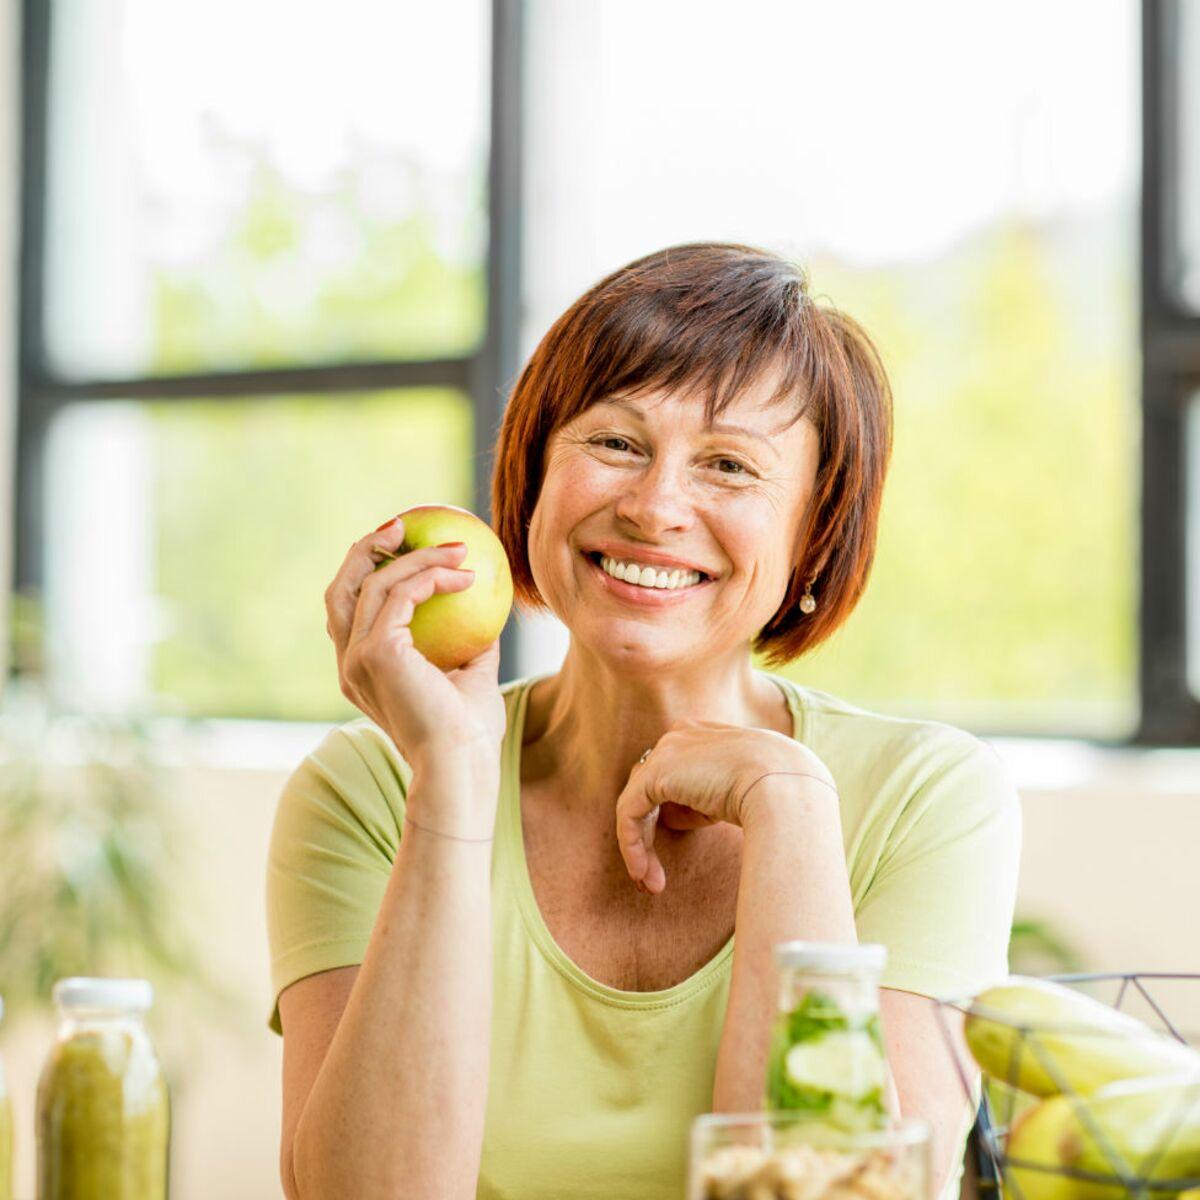 meilleur moyen de perdre du poids à partir de 40 ans perte de poids chicago ridge